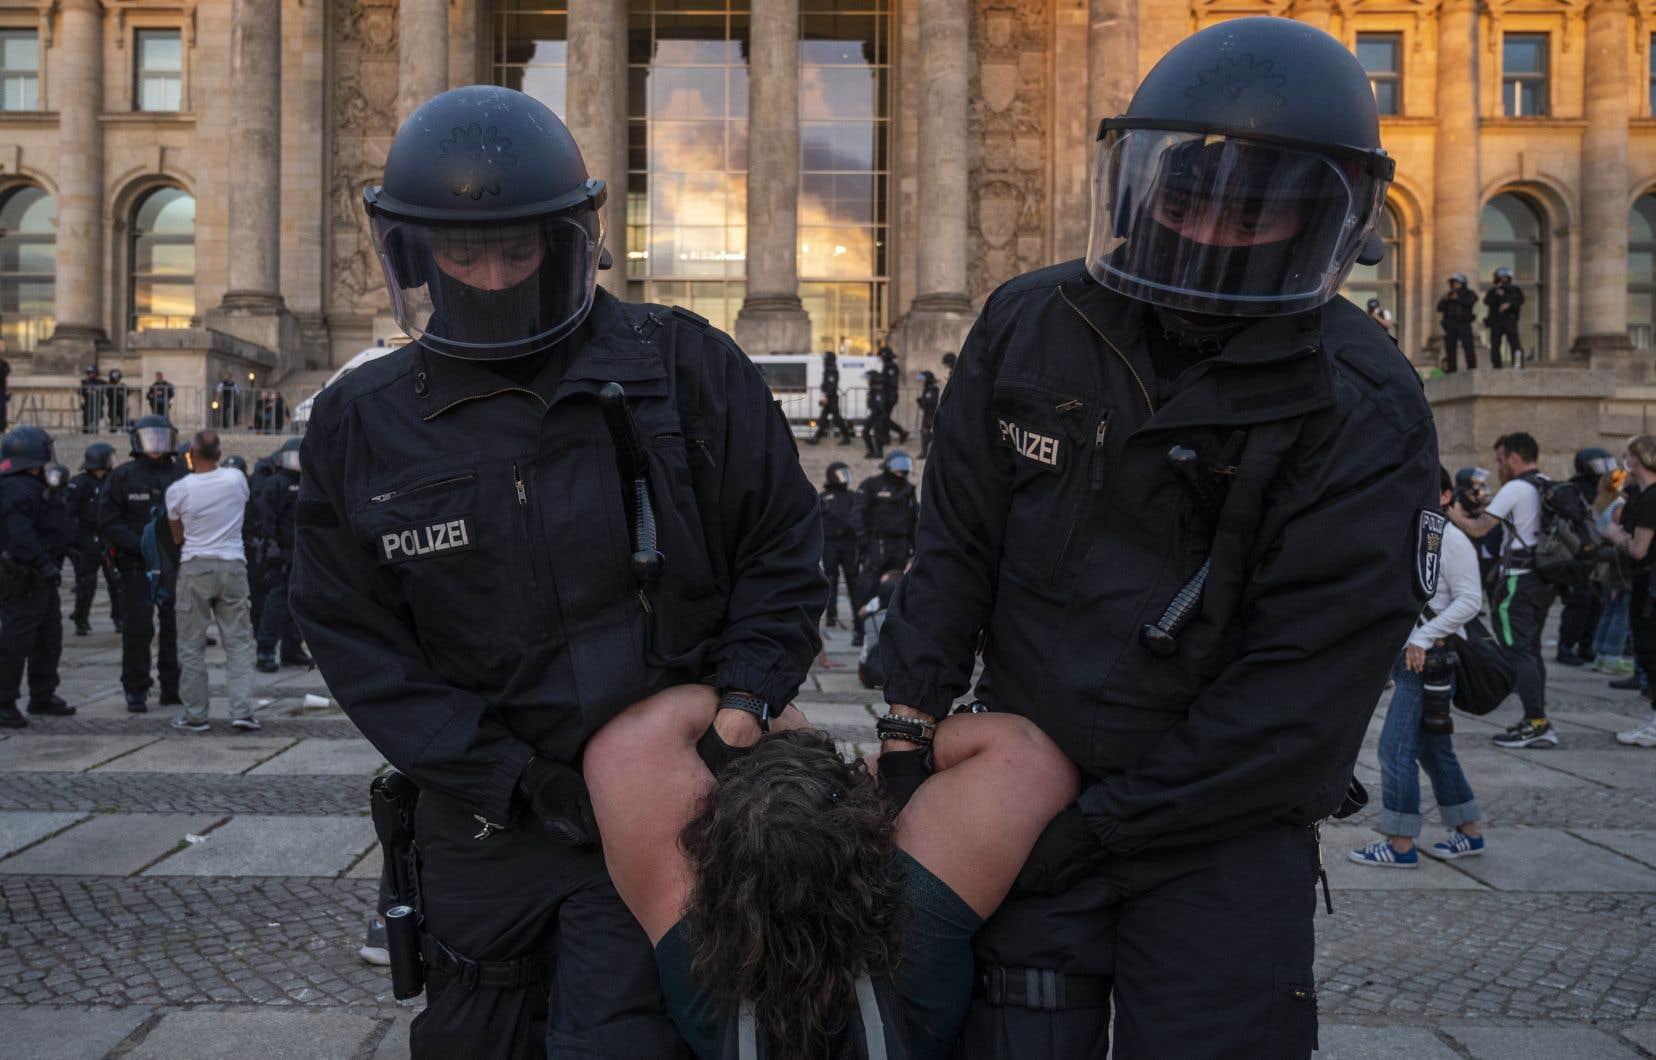 Près de 40 000 personnes protestant contre les restrictions liées à la pandémie de COVID-19 se sont rassemblées devant le Reichstag, siège du pouvoir à Berlin.